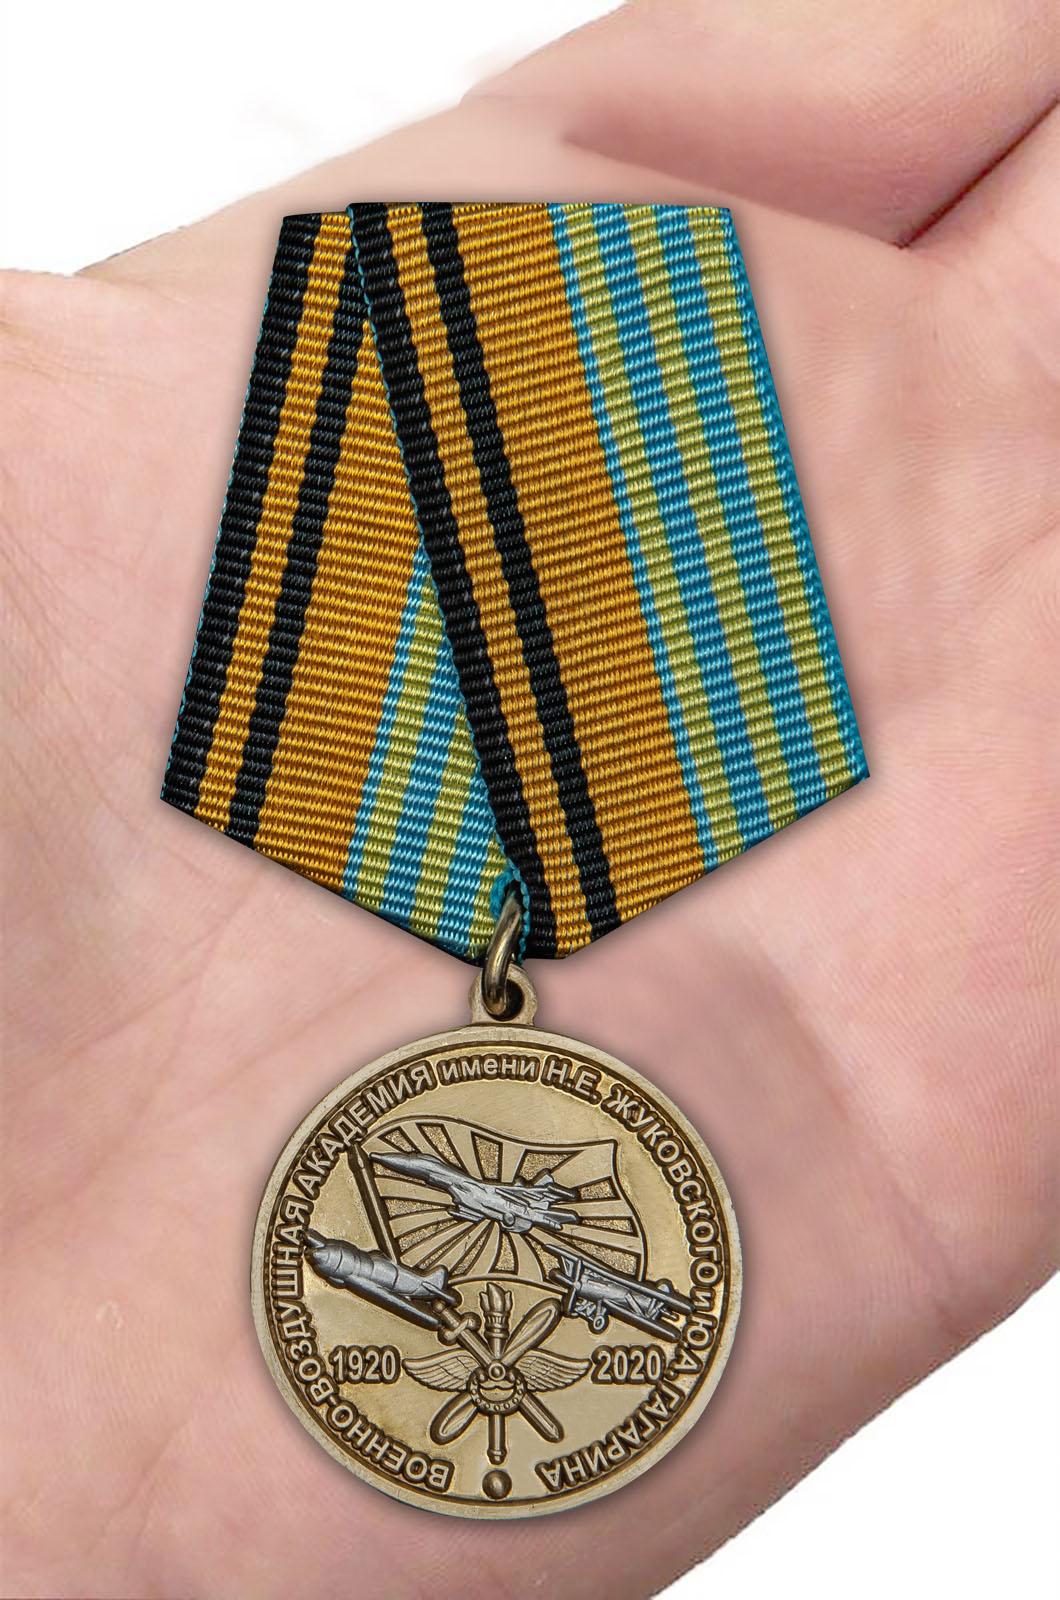 Латунная медаль 100 лет Военно-воздушной академии им. Н.Е. Жуковского и Ю.А. Гагарина - вид на ладони